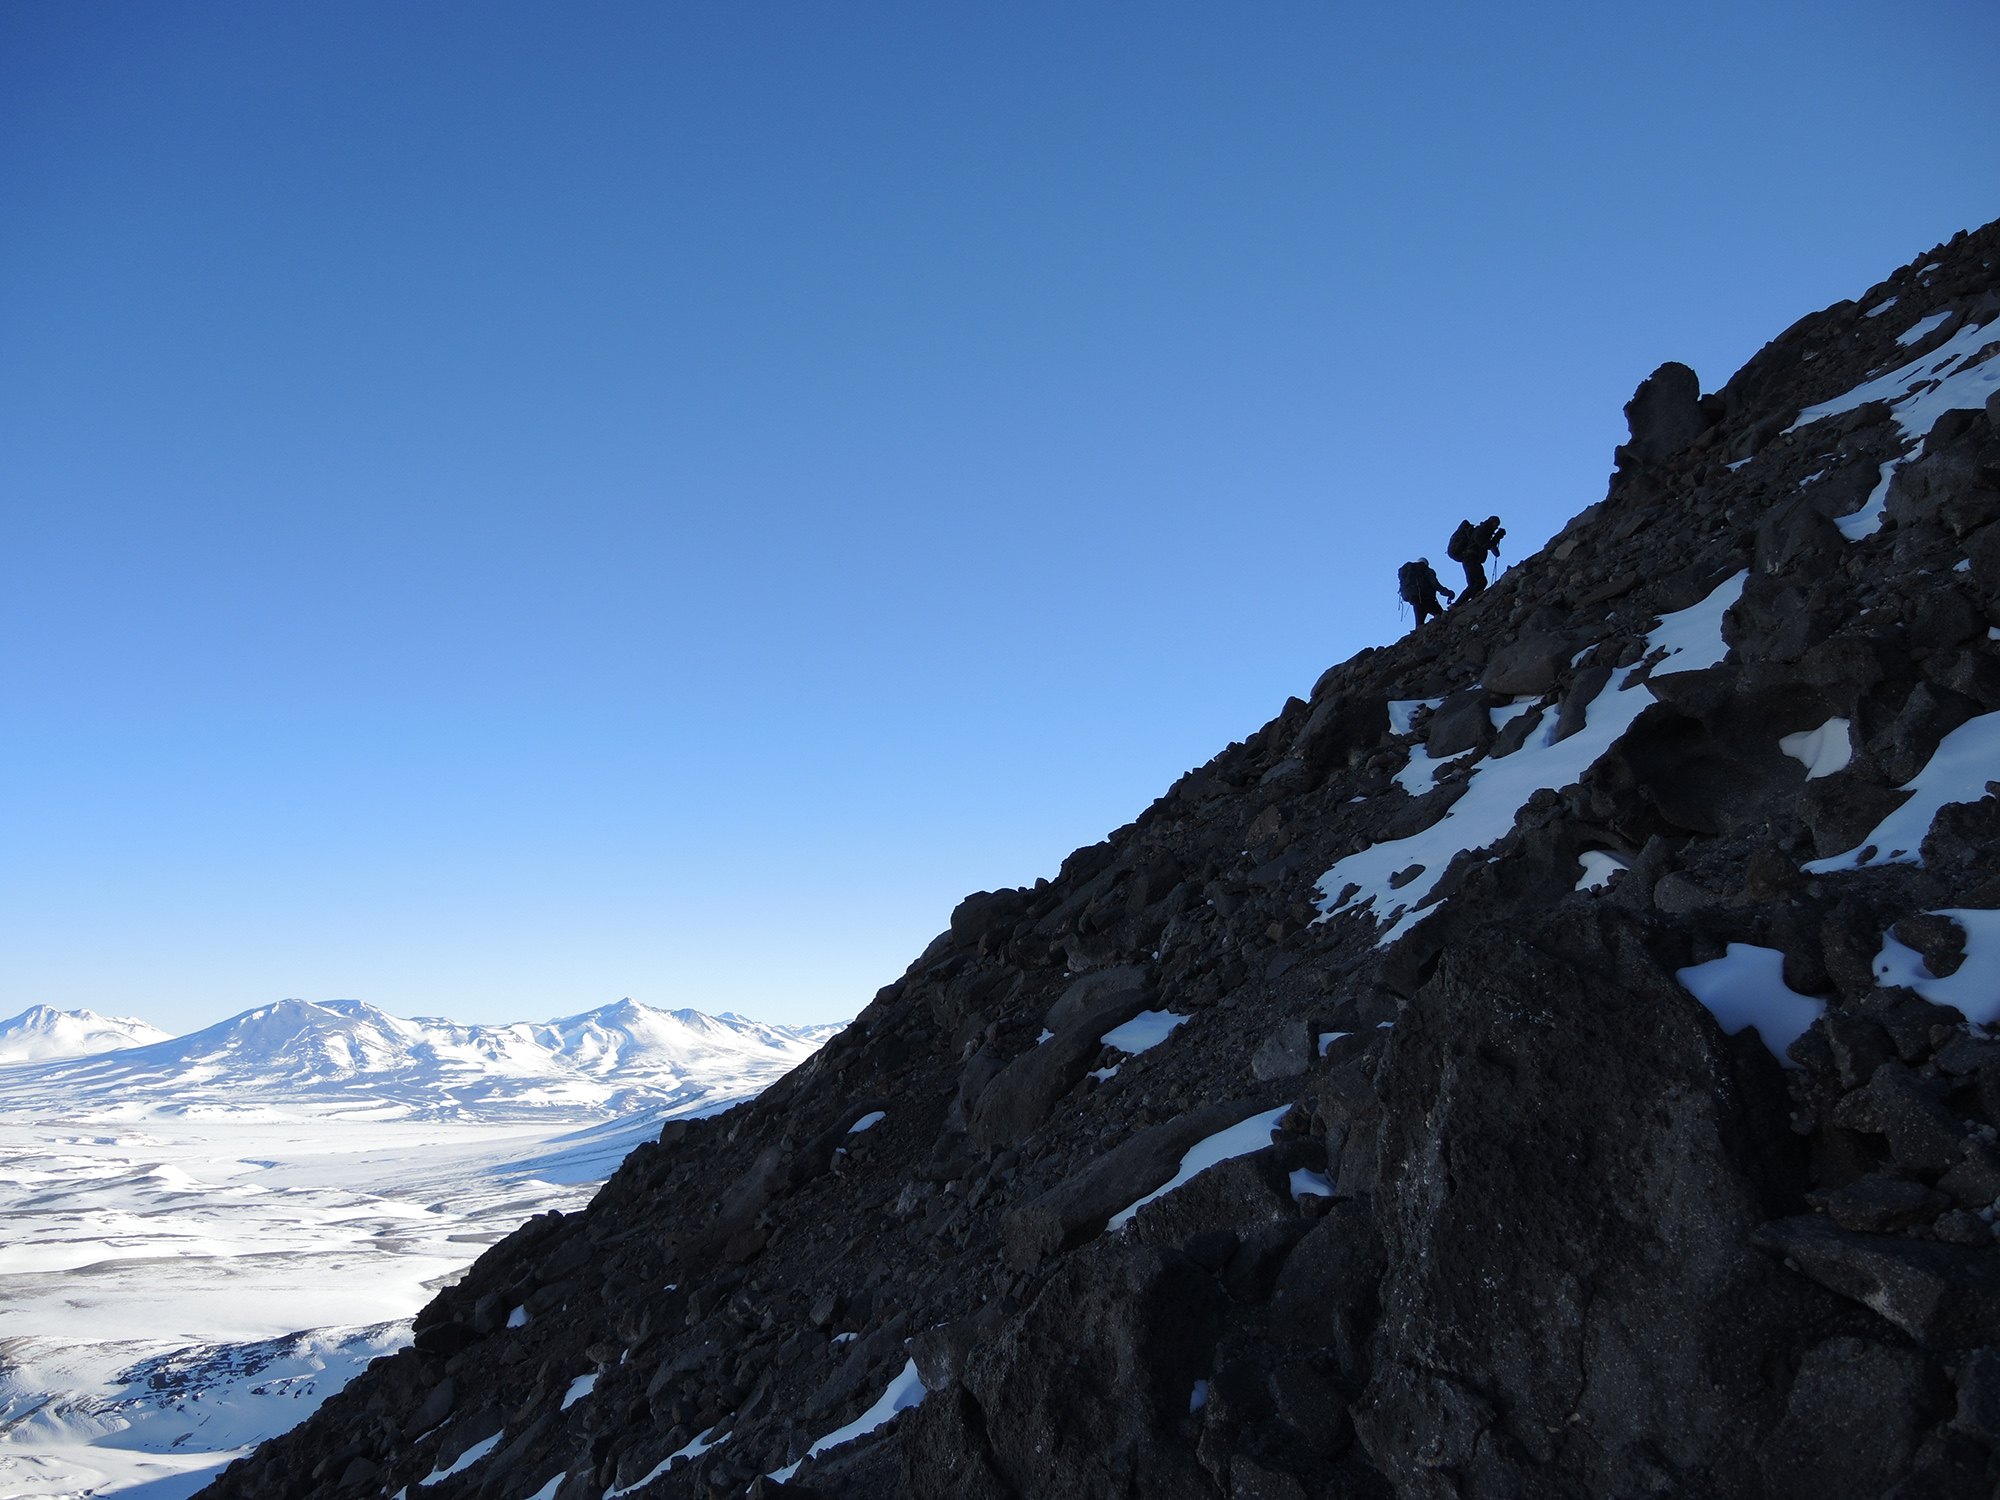 Los montañistas trepando el hombro del filo en el nevado El Muerto.